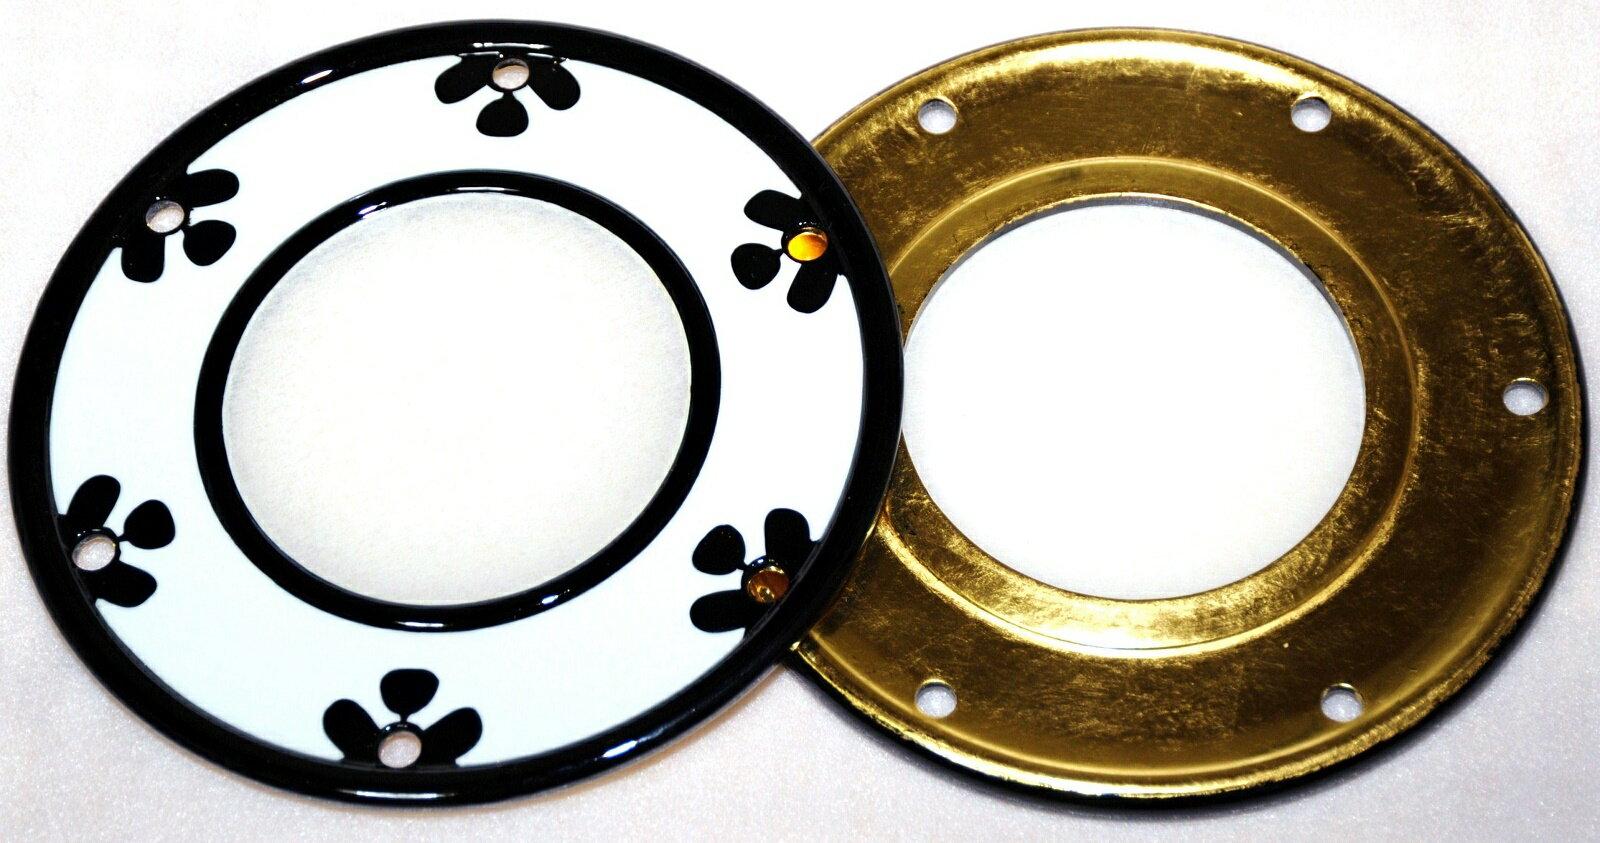 小鼓皮 屋外でも使用しやすい合成皮製 本金箔(3号金箔)仕上げ。皮のみで、胴、調べ緒は別です。